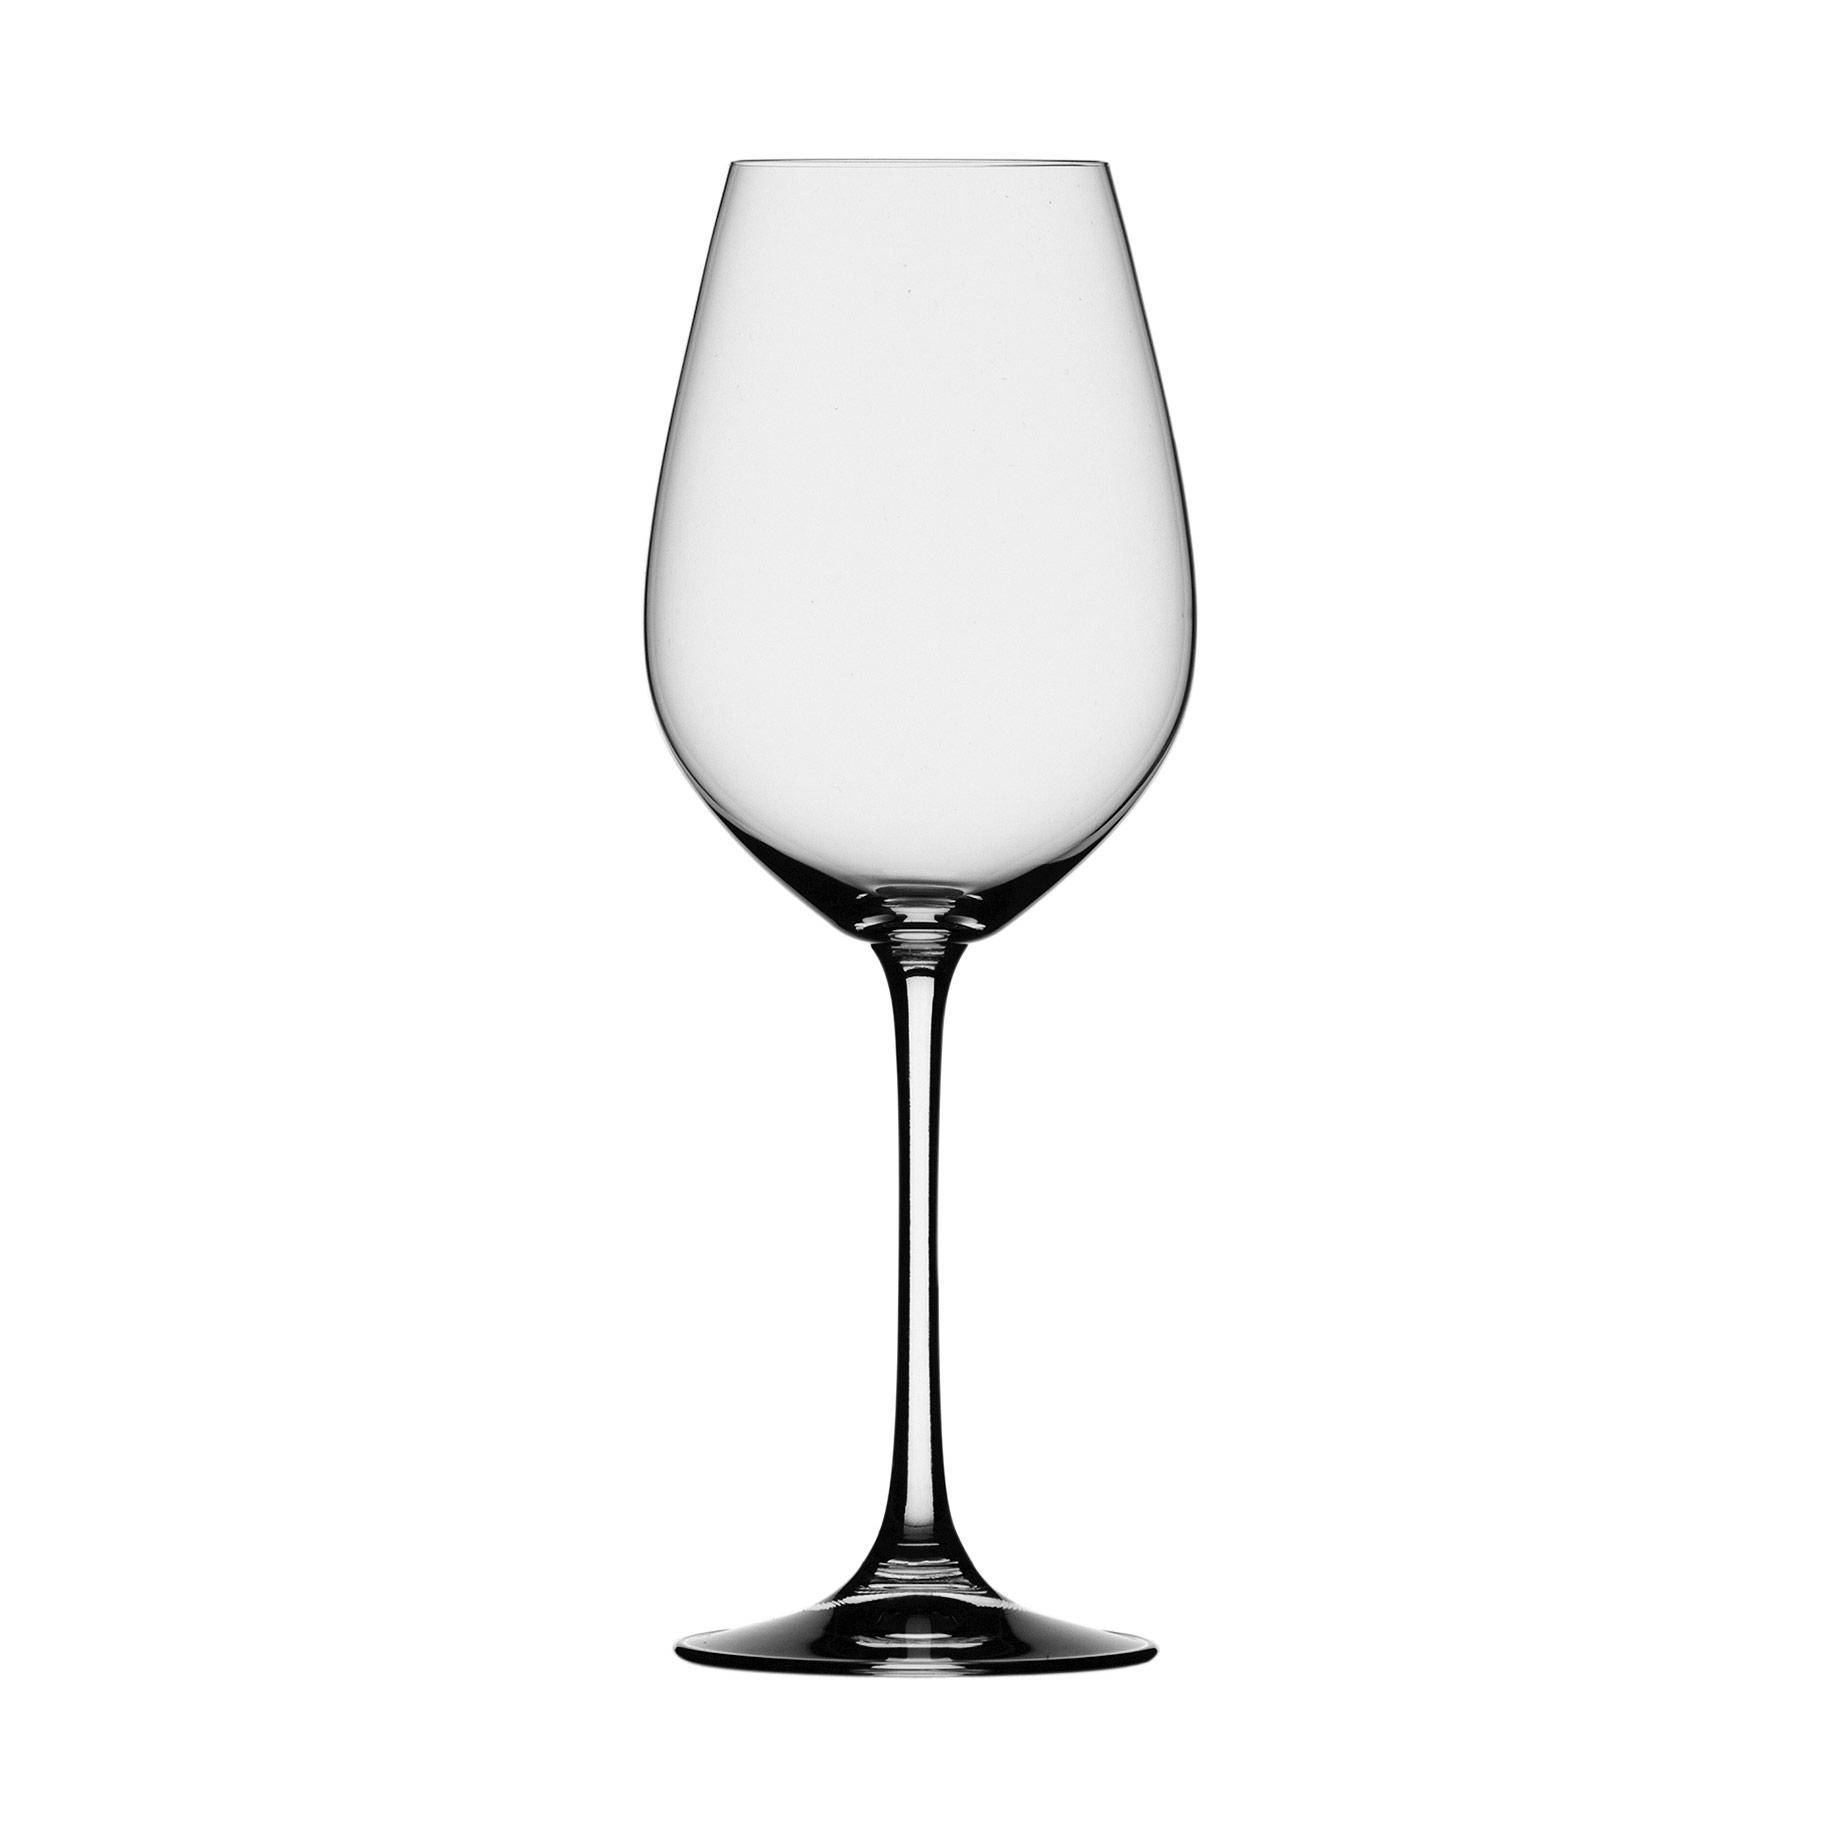 Libbey Glass 4728001 glass, wine